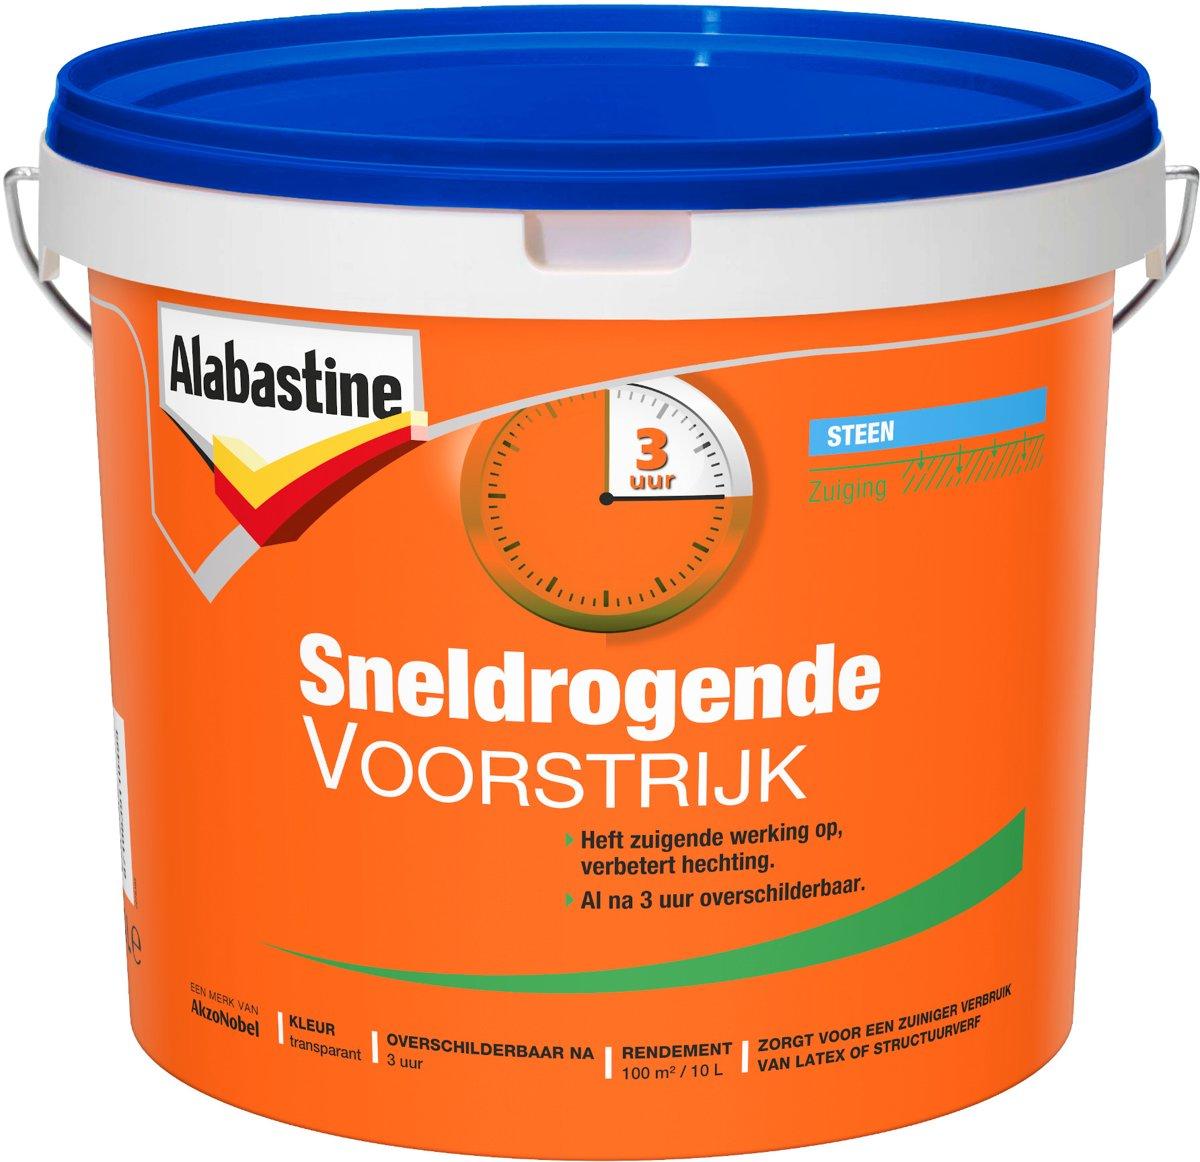 Alabastine Voorstrijk Sneldrogend 2,5 L kopen